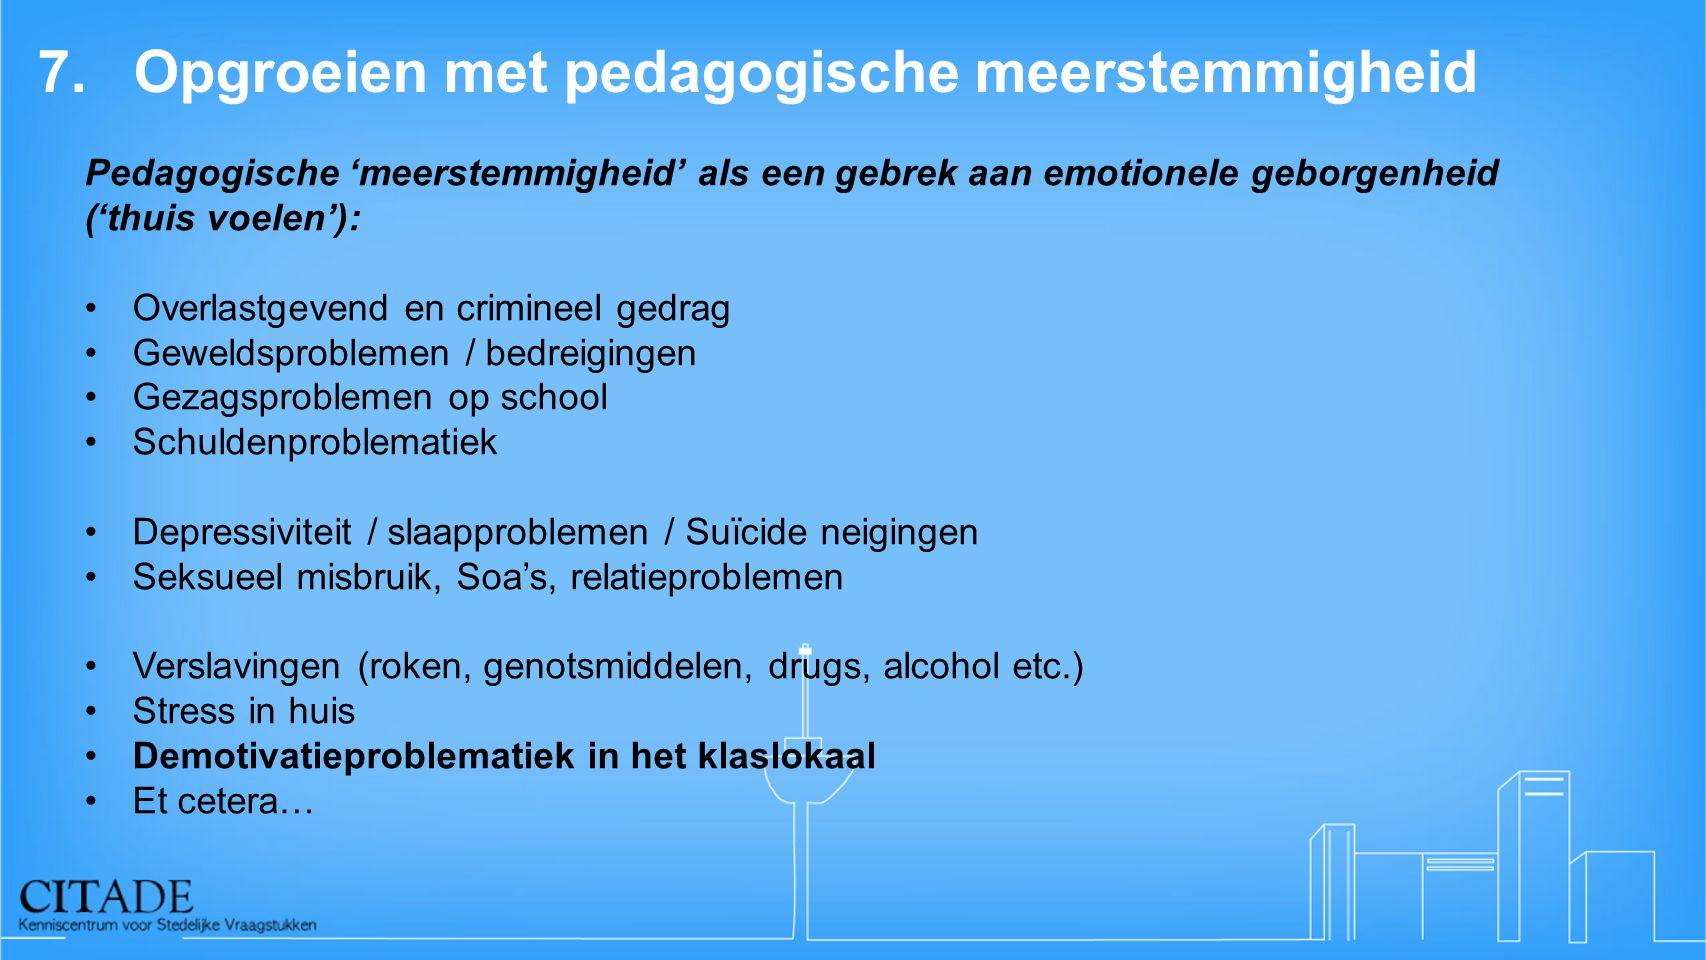 7.Opgroeien met pedagogische meerstemmigheid Pedagogische 'meerstemmigheid' als een gebrek aan emotionele geborgenheid ('thuis voelen'): Overlastgeven